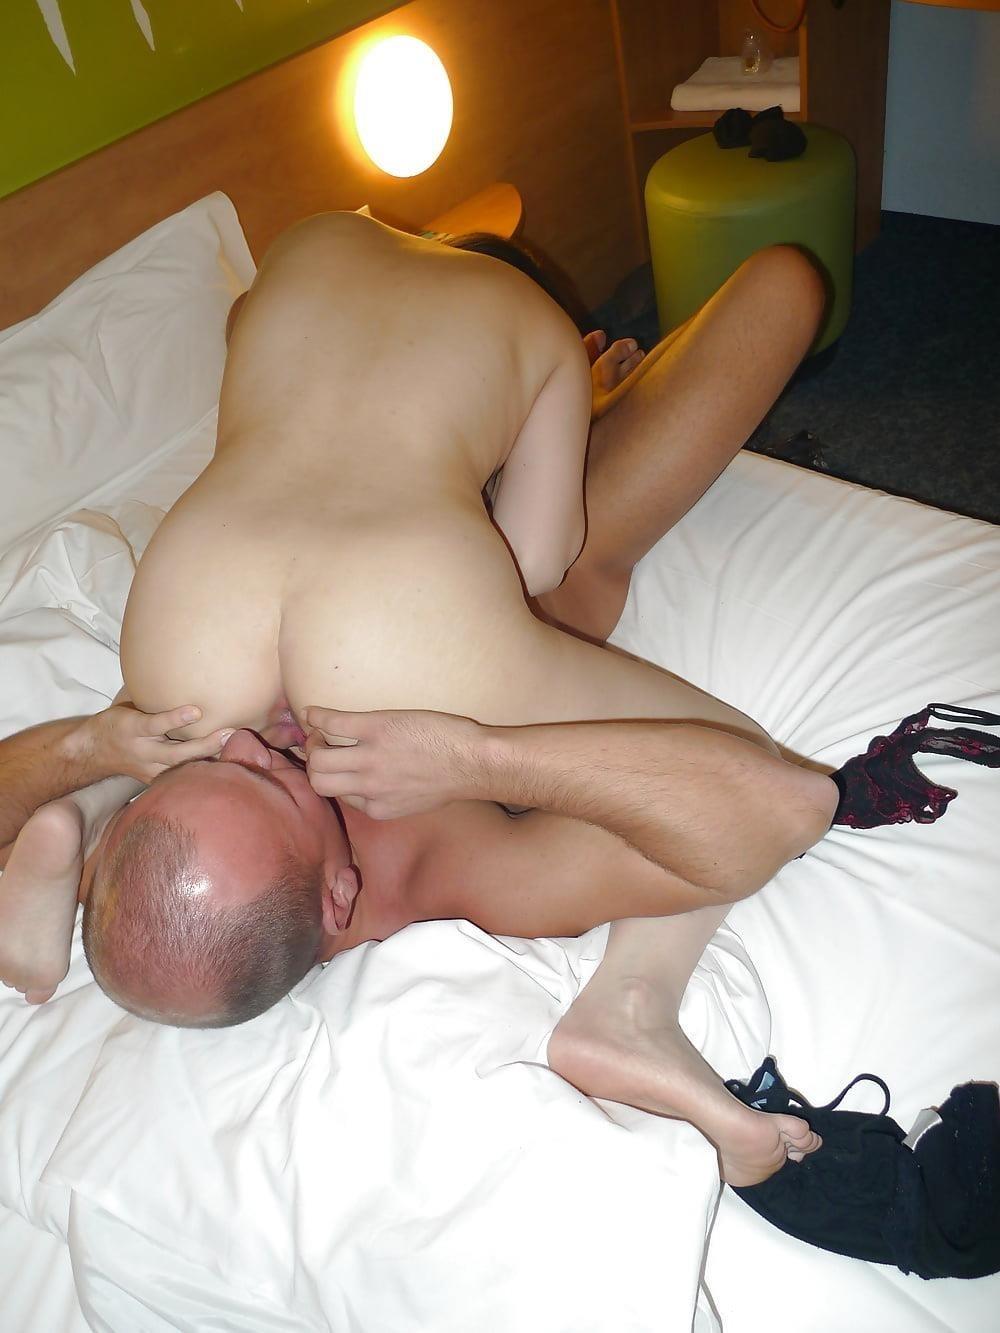 Gay big dick asian porn-9457